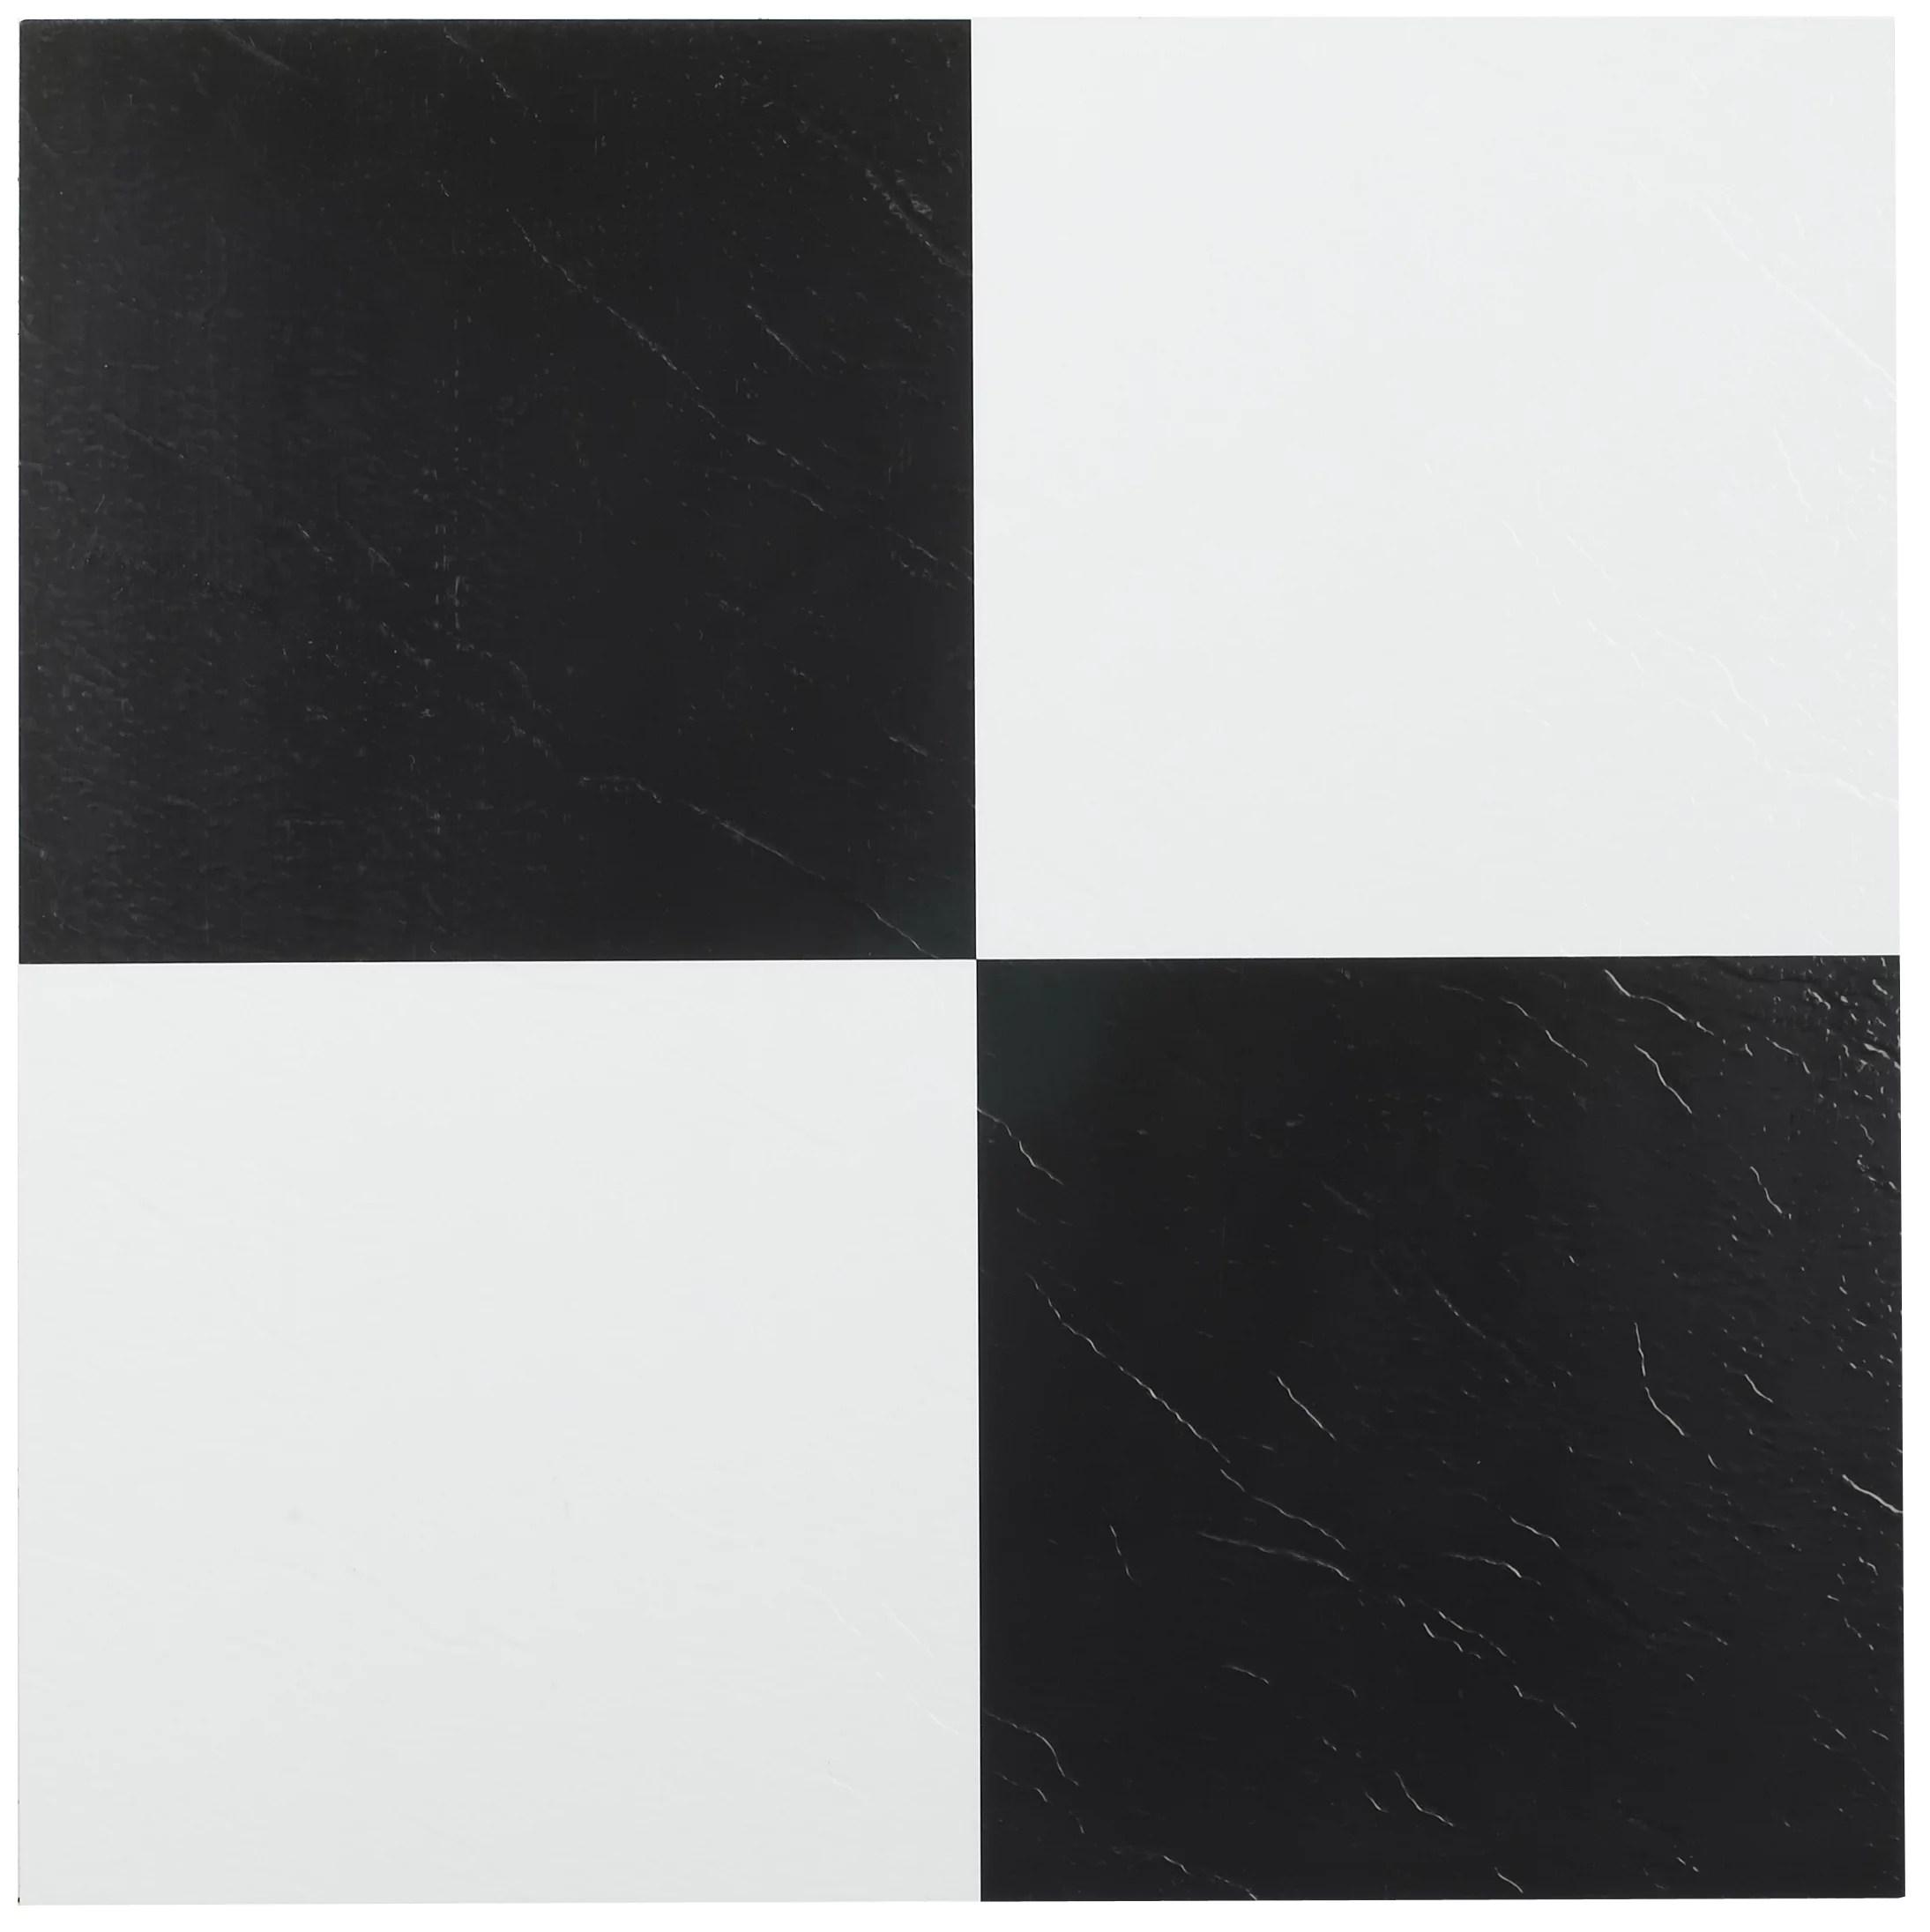 achim sterling 12 x12 1 2mm peel stick vinyl floor tiles 20 tiles 20 sq ft black white walmart com